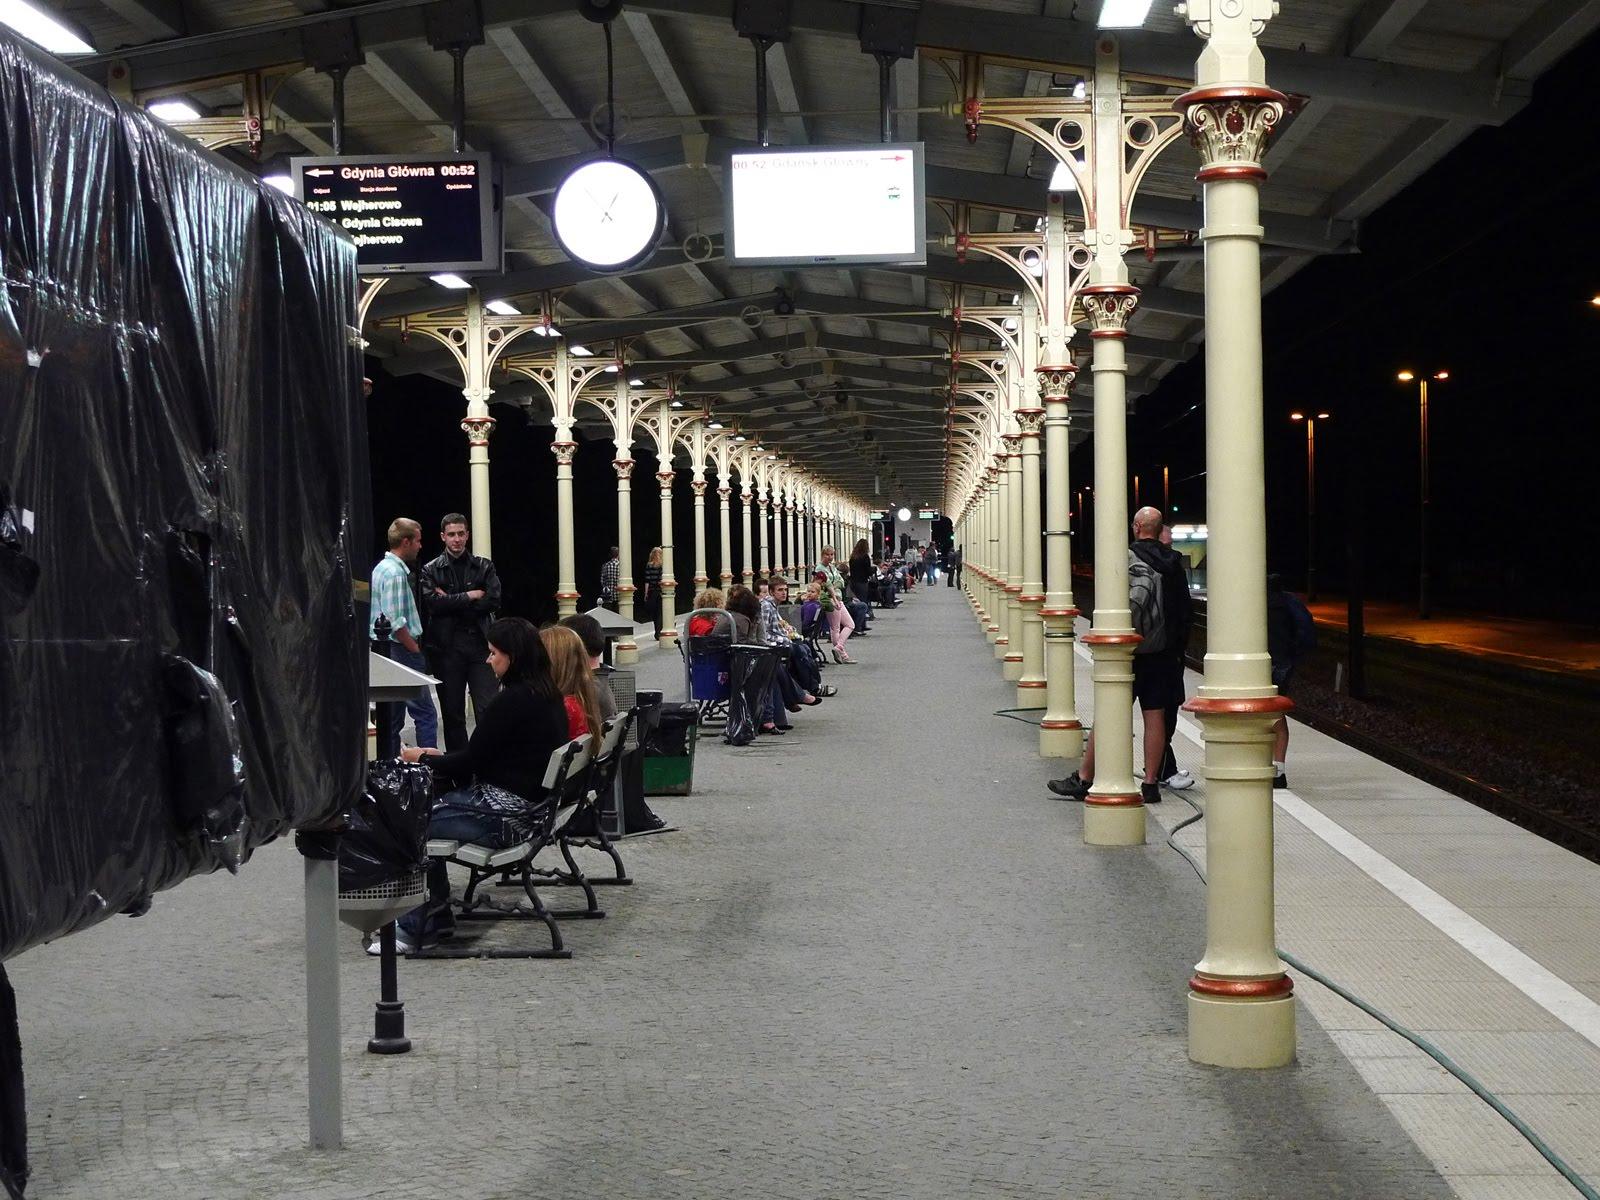 peron sopot główny 08.2010